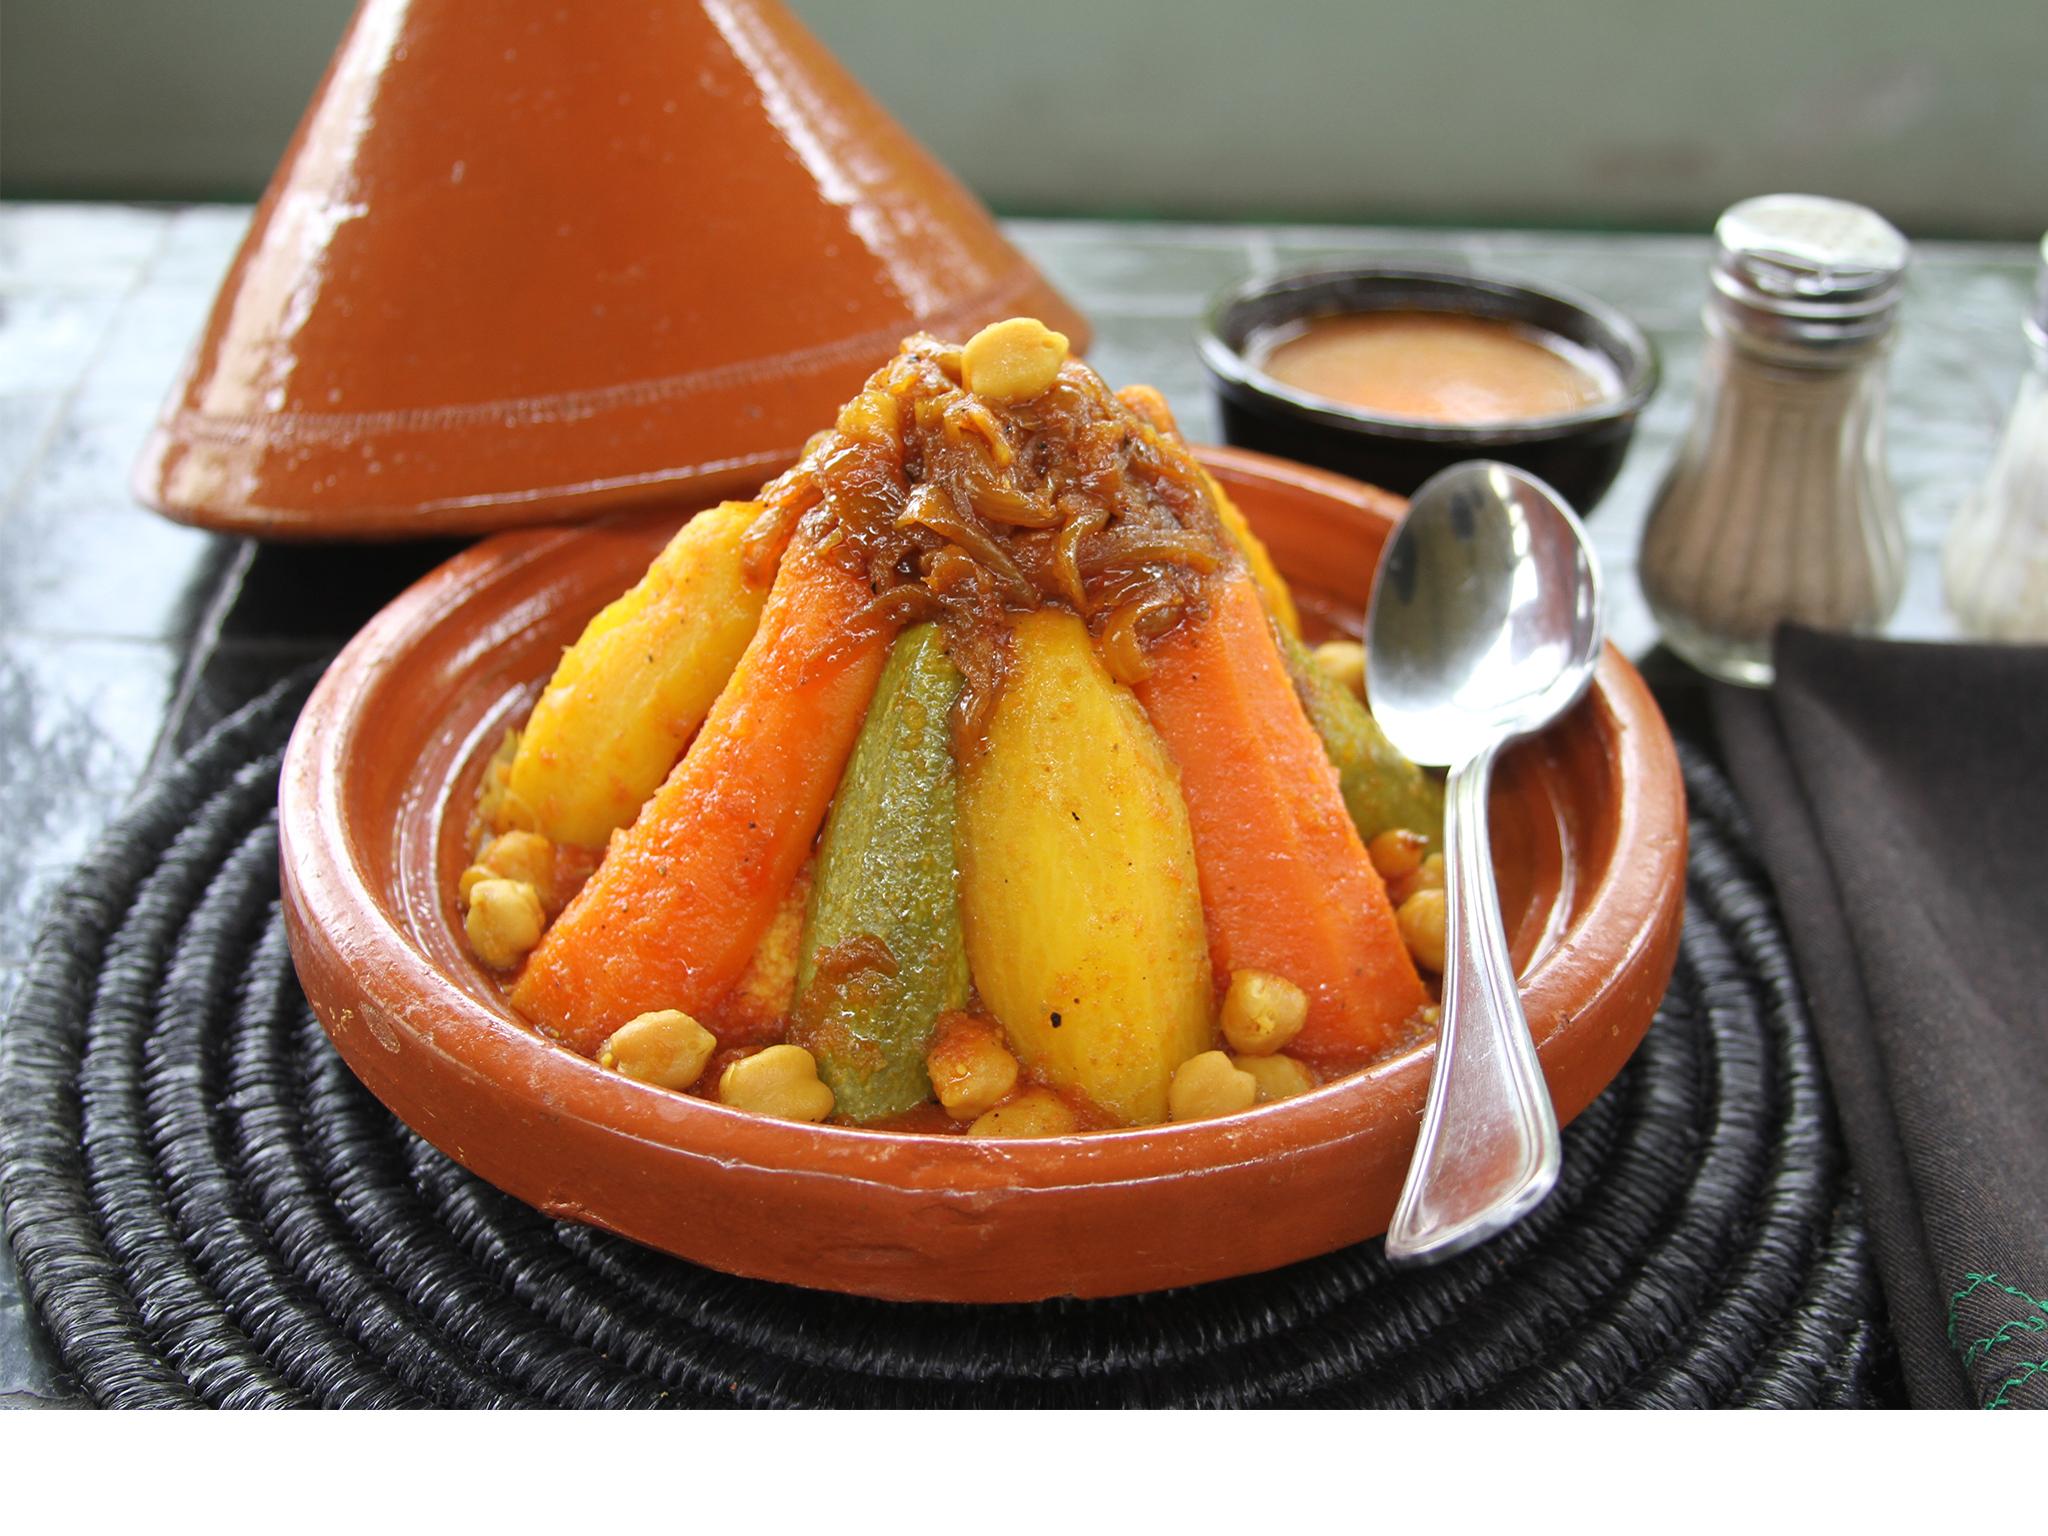 Workshops, Academia Time Out, Time Out Market, Cozinhas do Mundo: Marrocos, Tagine de frango